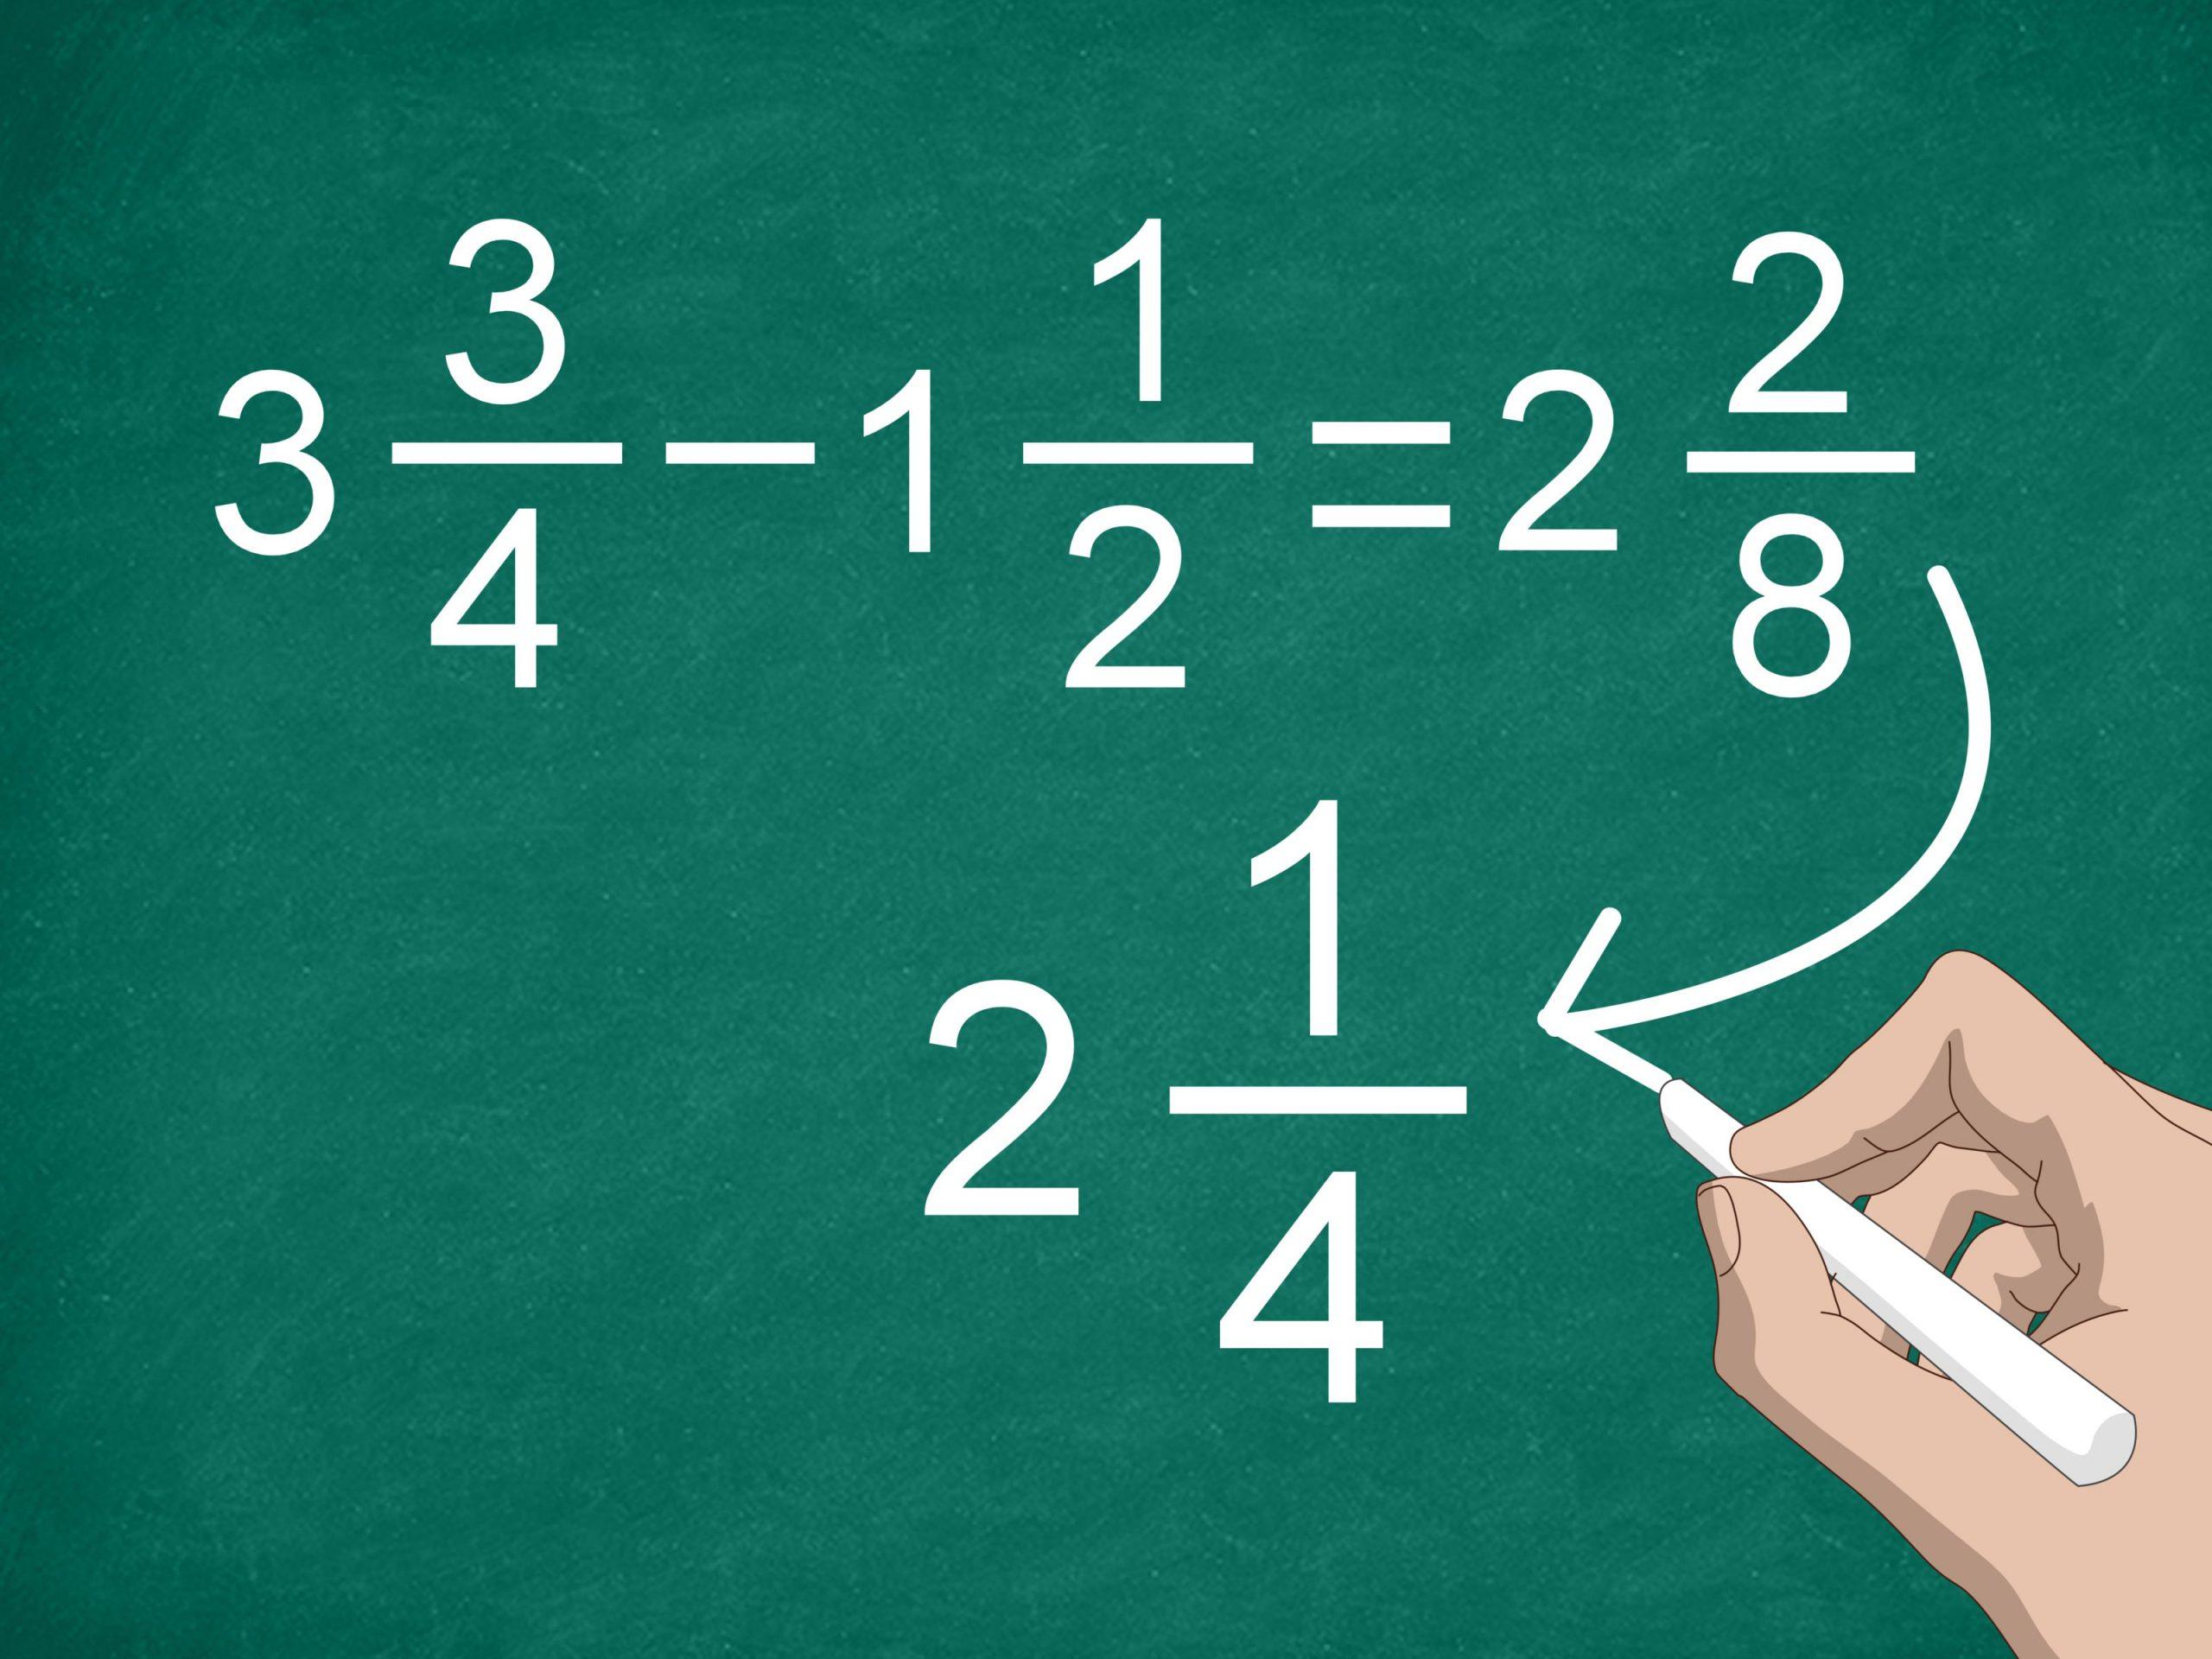 کلیپ تدریس و حل صفحه 31 ریاضی پنجم دبستان همراه با توضیحات مفهومی